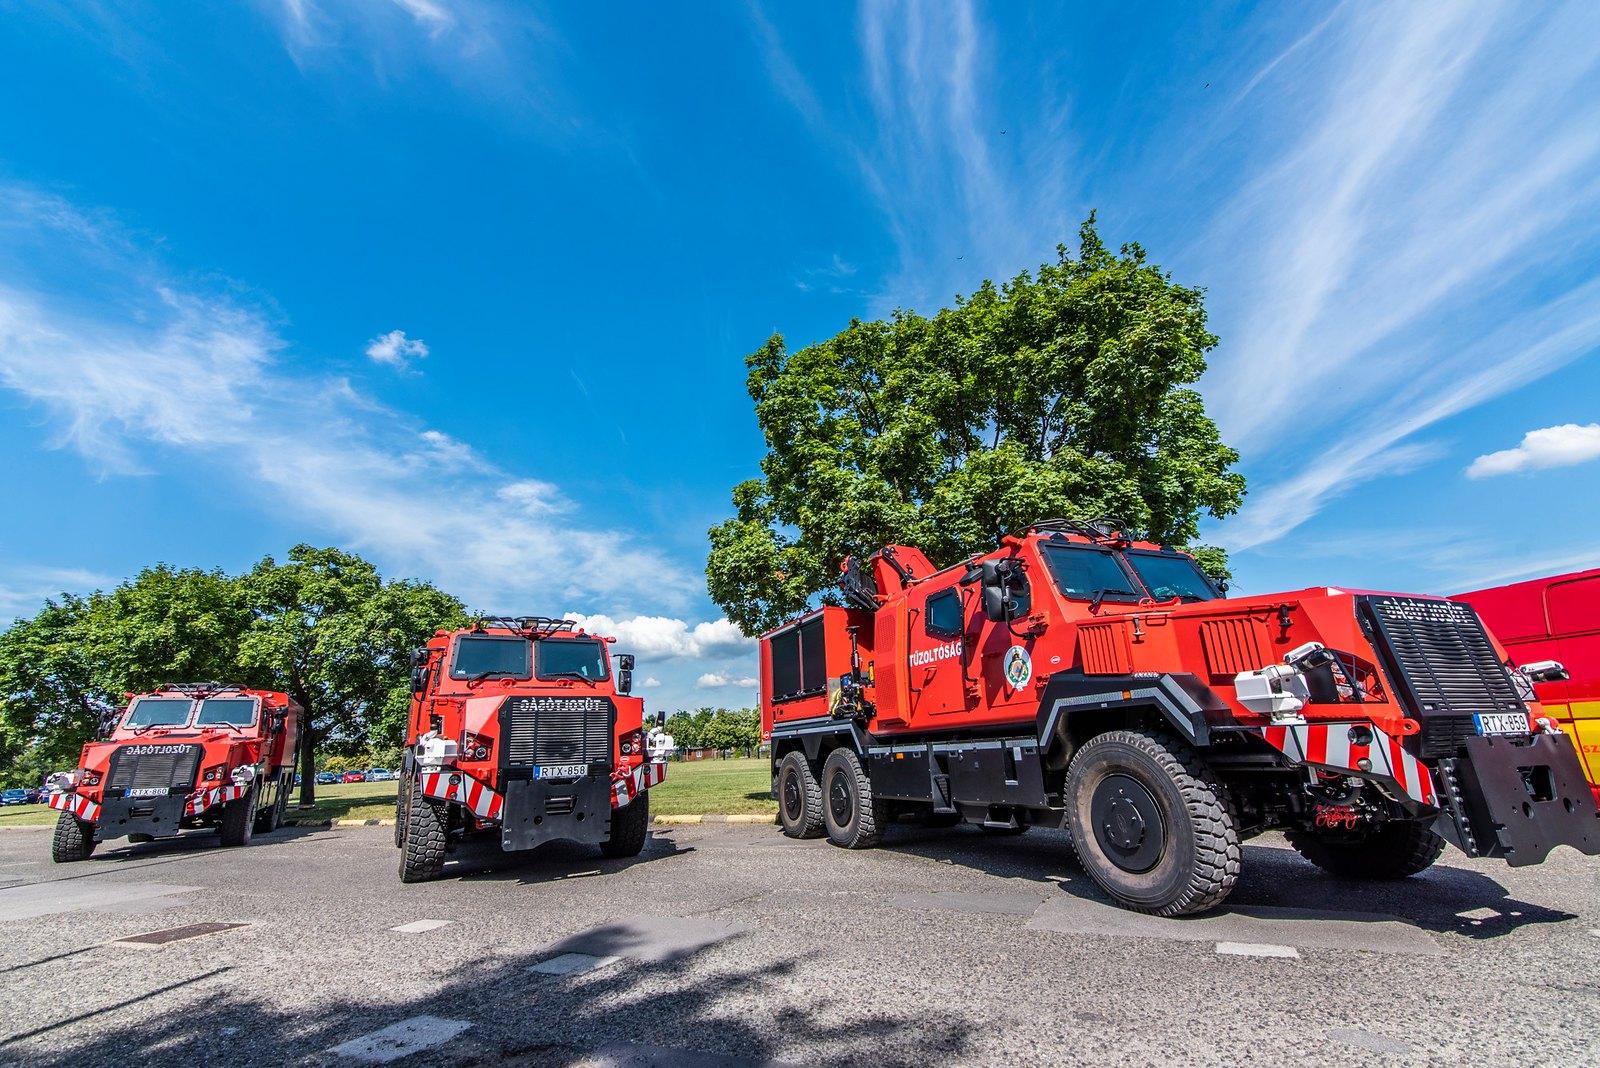 Bemutatjuk Szeged legújabb tűzoltóautóját, ezt a páncélozott bestiát